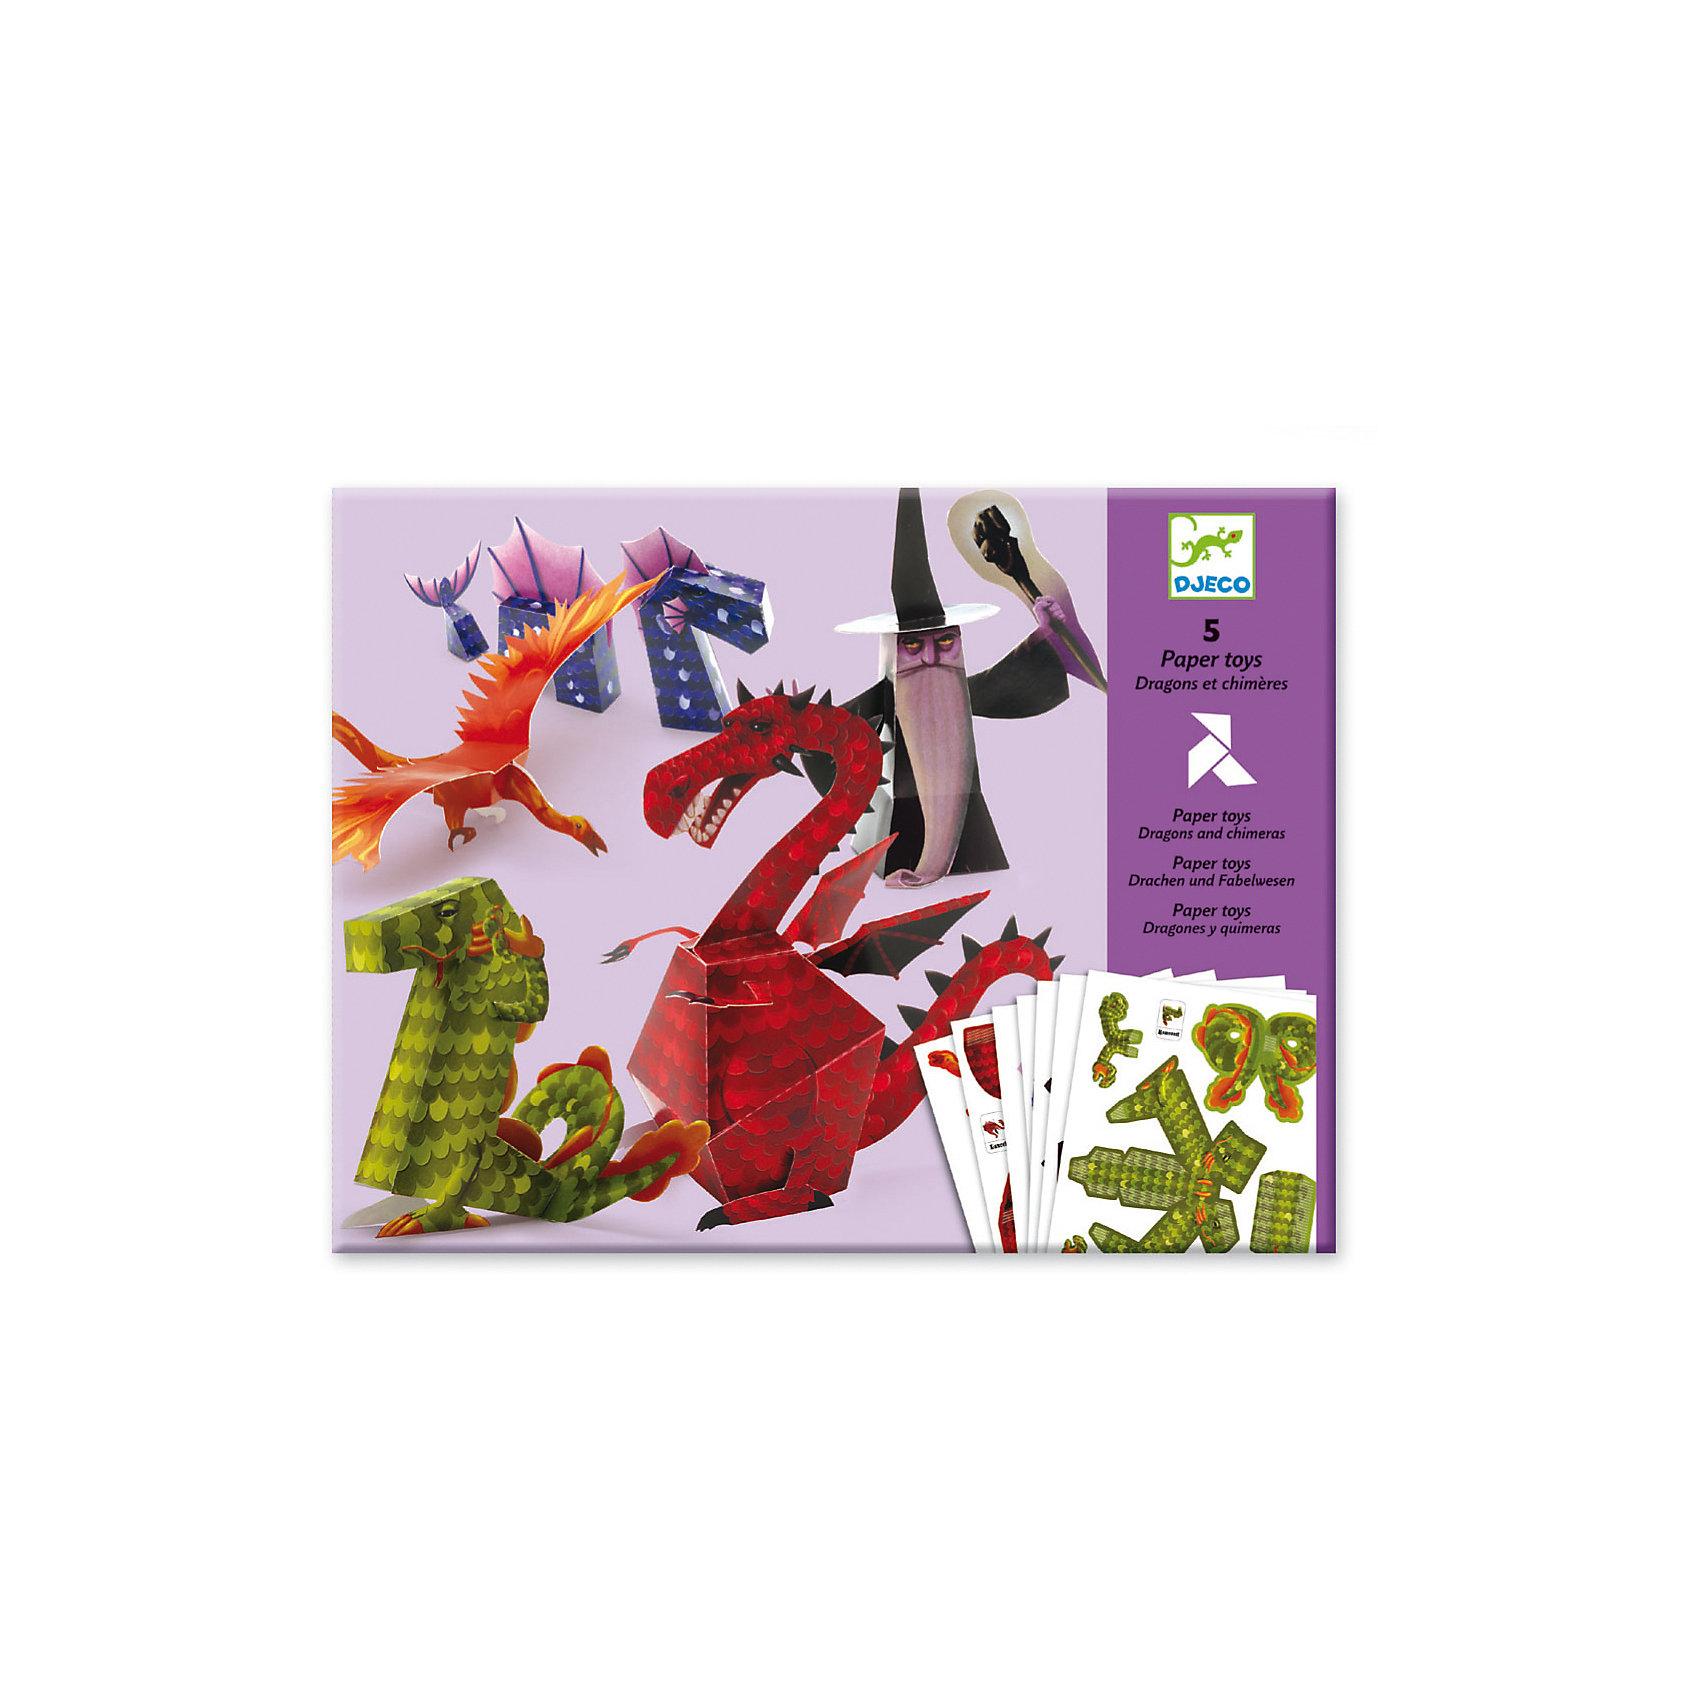 Волшебная бумага «Драконы»Волшебная бумага «Драконы»  – это яркий и необычный набор для детского творчества.<br>Волшебная бумага «Драконы» от французской компании Djeco (Джеко) - это интересный набор, с помощью которого дети смогут создать 5 оригинальных объемных моделей, используя технику оригами. Три забавных дракона с шипами, зубами и крыльями, огненная птица-феникс и могучий маг дополнят коллекцию вашего маленького любителя фэнтези. Набор способствует развитию у ребенка терпения, аккуратности, мелкой моторики, логического и пространственного мышления, стимулирует творческую активность.<br><br>Дополнительная информация:<br><br>- В наборе: 5 шаблонов из плотной глянцевой бумаги (29,7х21 см) для изготовления 5 моделей, иллюстрированная инструкция<br>- Размер упаковки: 32 х 24 х 1 см.<br>- Вес: 170 гр. <br><br>Волшебную бумагу «Драконы» можно купить в нашем интернет-магазине.<br><br>Ширина мм: 320<br>Глубина мм: 240<br>Высота мм: 10<br>Вес г: 170<br>Возраст от месяцев: 84<br>Возраст до месяцев: 156<br>Пол: Унисекс<br>Возраст: Детский<br>SKU: 4305793